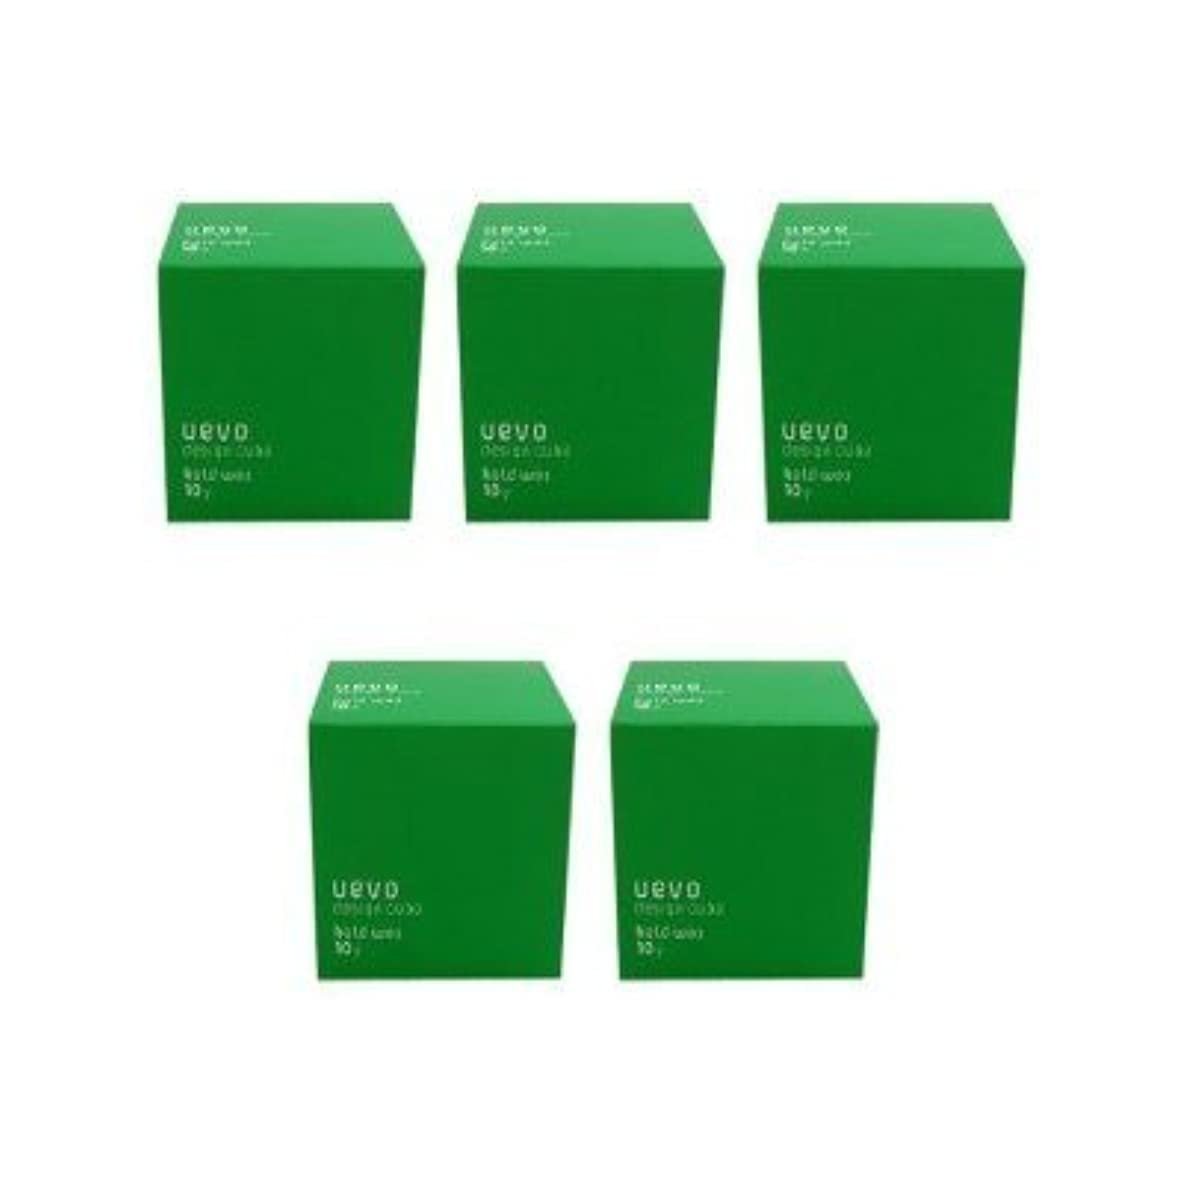 促す深くゲーム【X5個セット】 デミ ウェーボ デザインキューブ ホールドワックス 80g hold wax DEMI uevo design cube